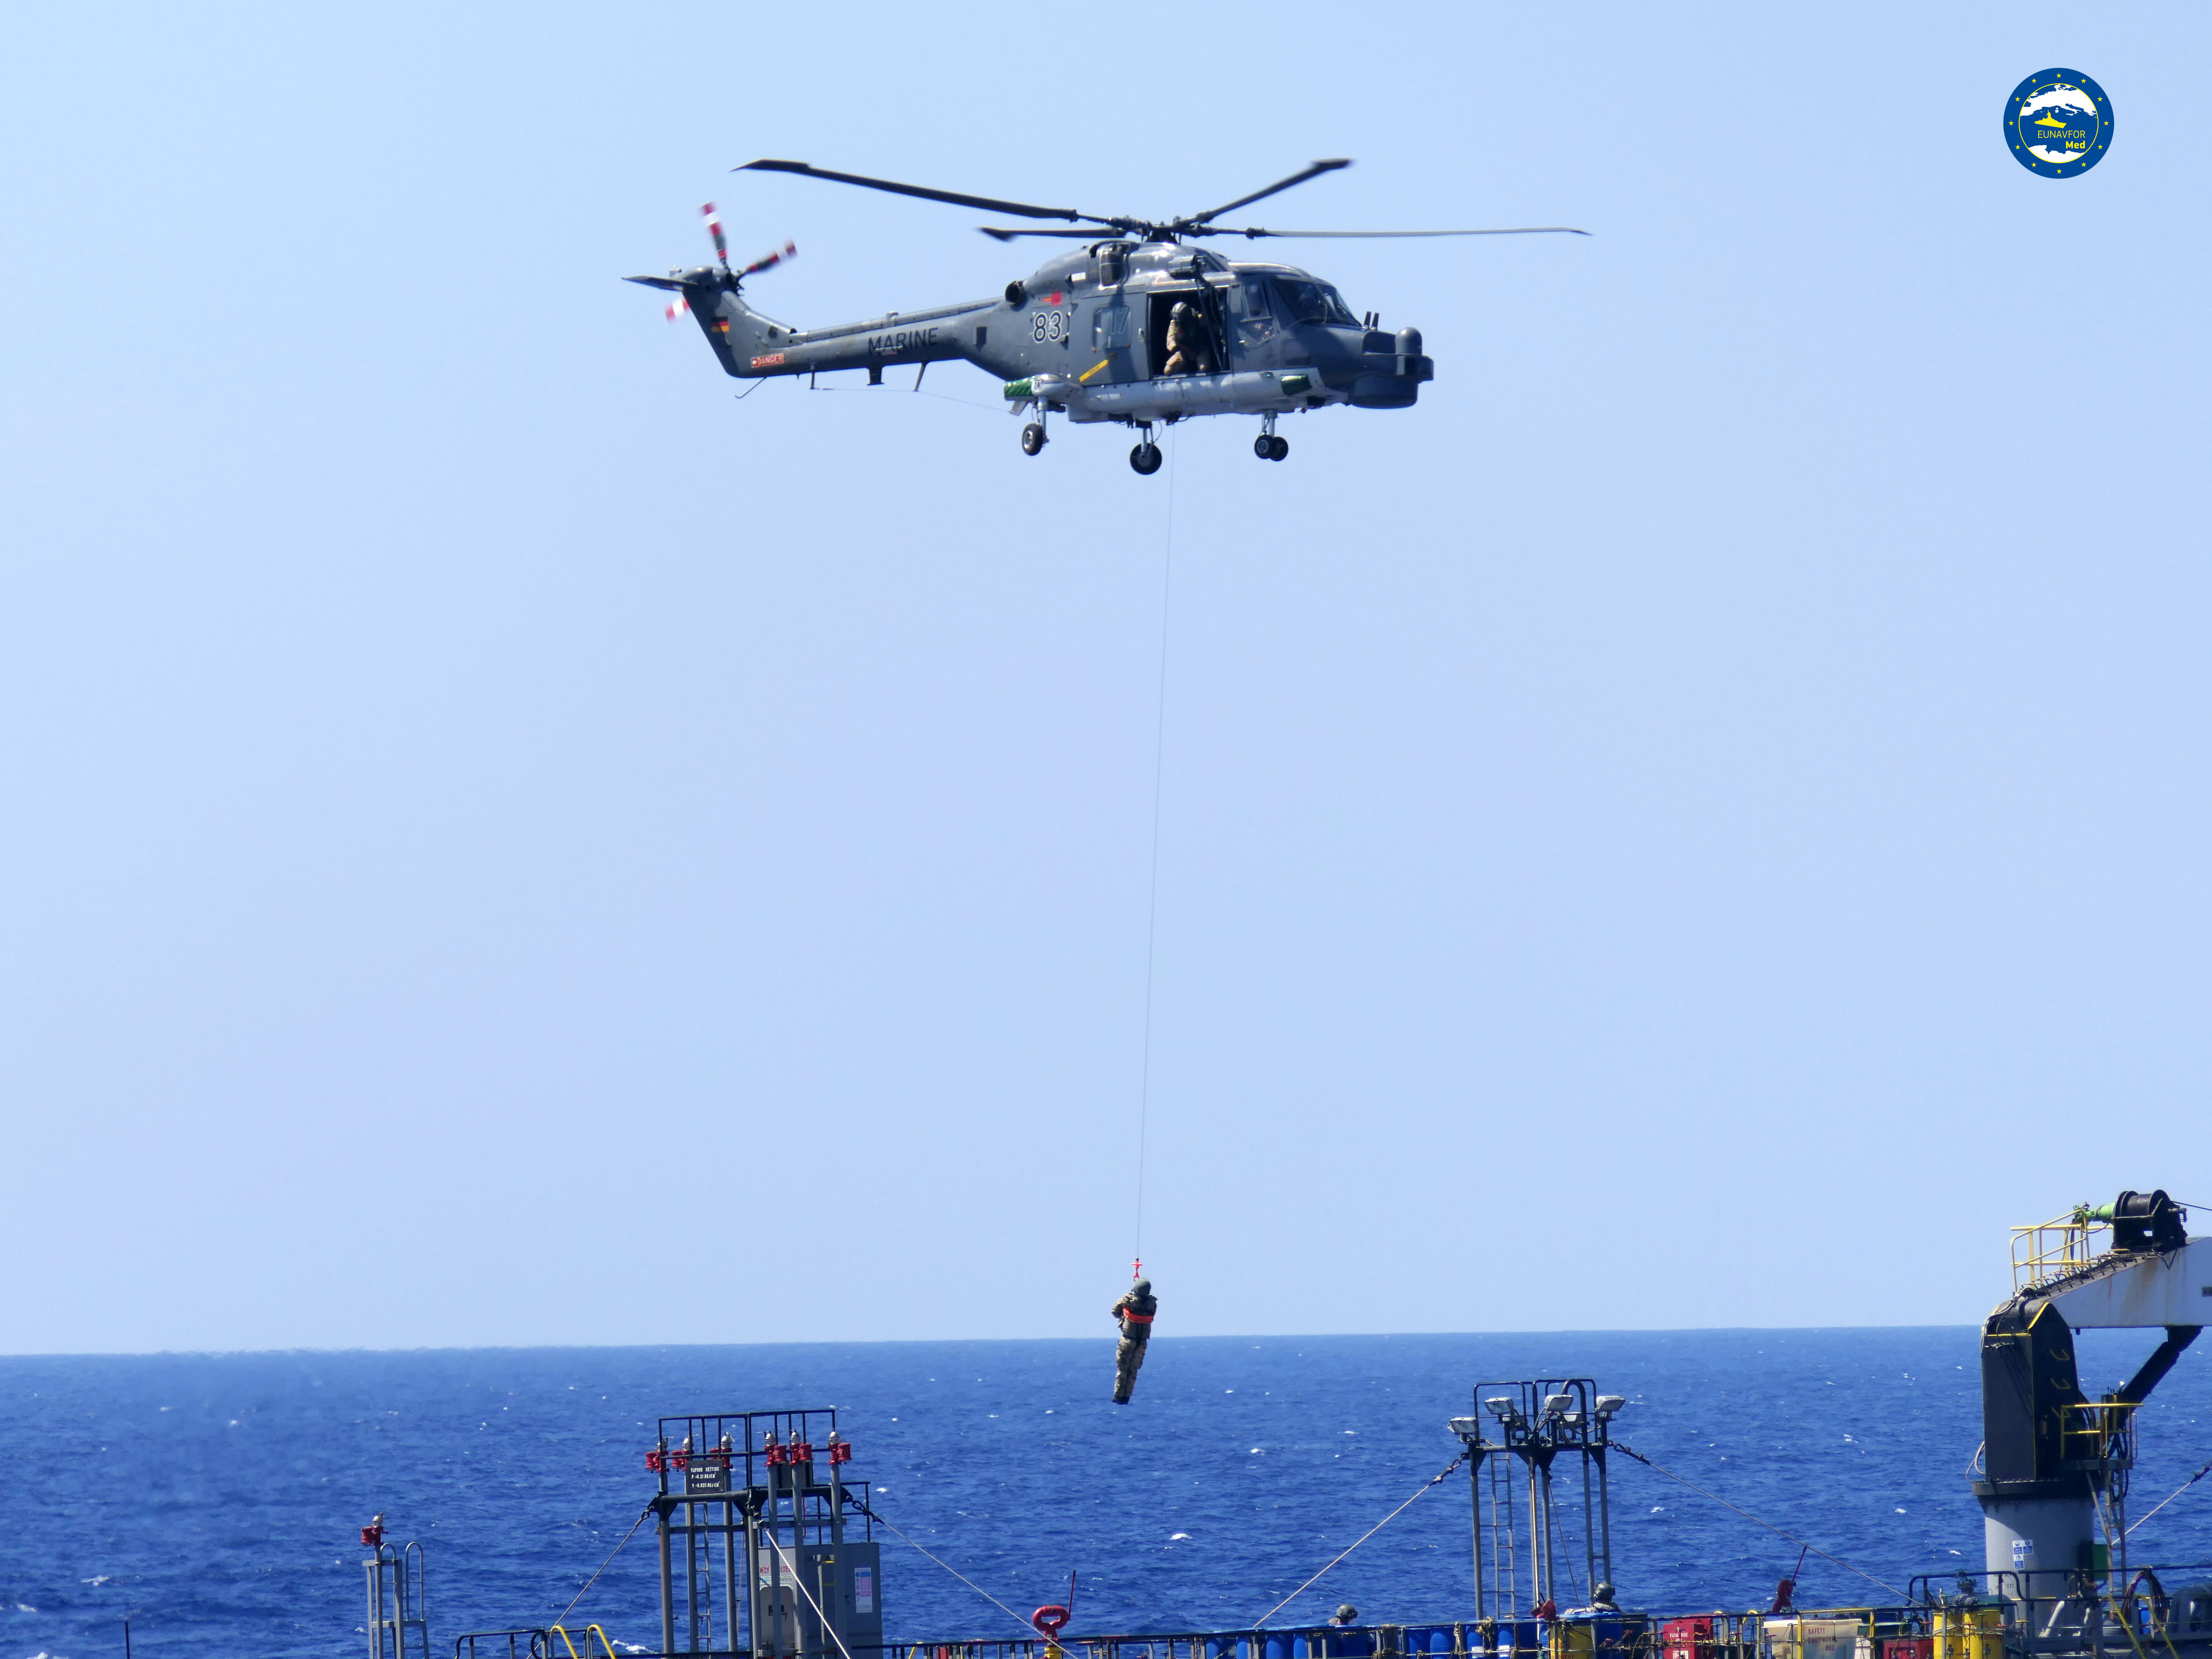 Törökország nem engedte, hogy a német haditengerészet helikopteres egysége megnézze, fegyvert szállít-e egy török teherhajó